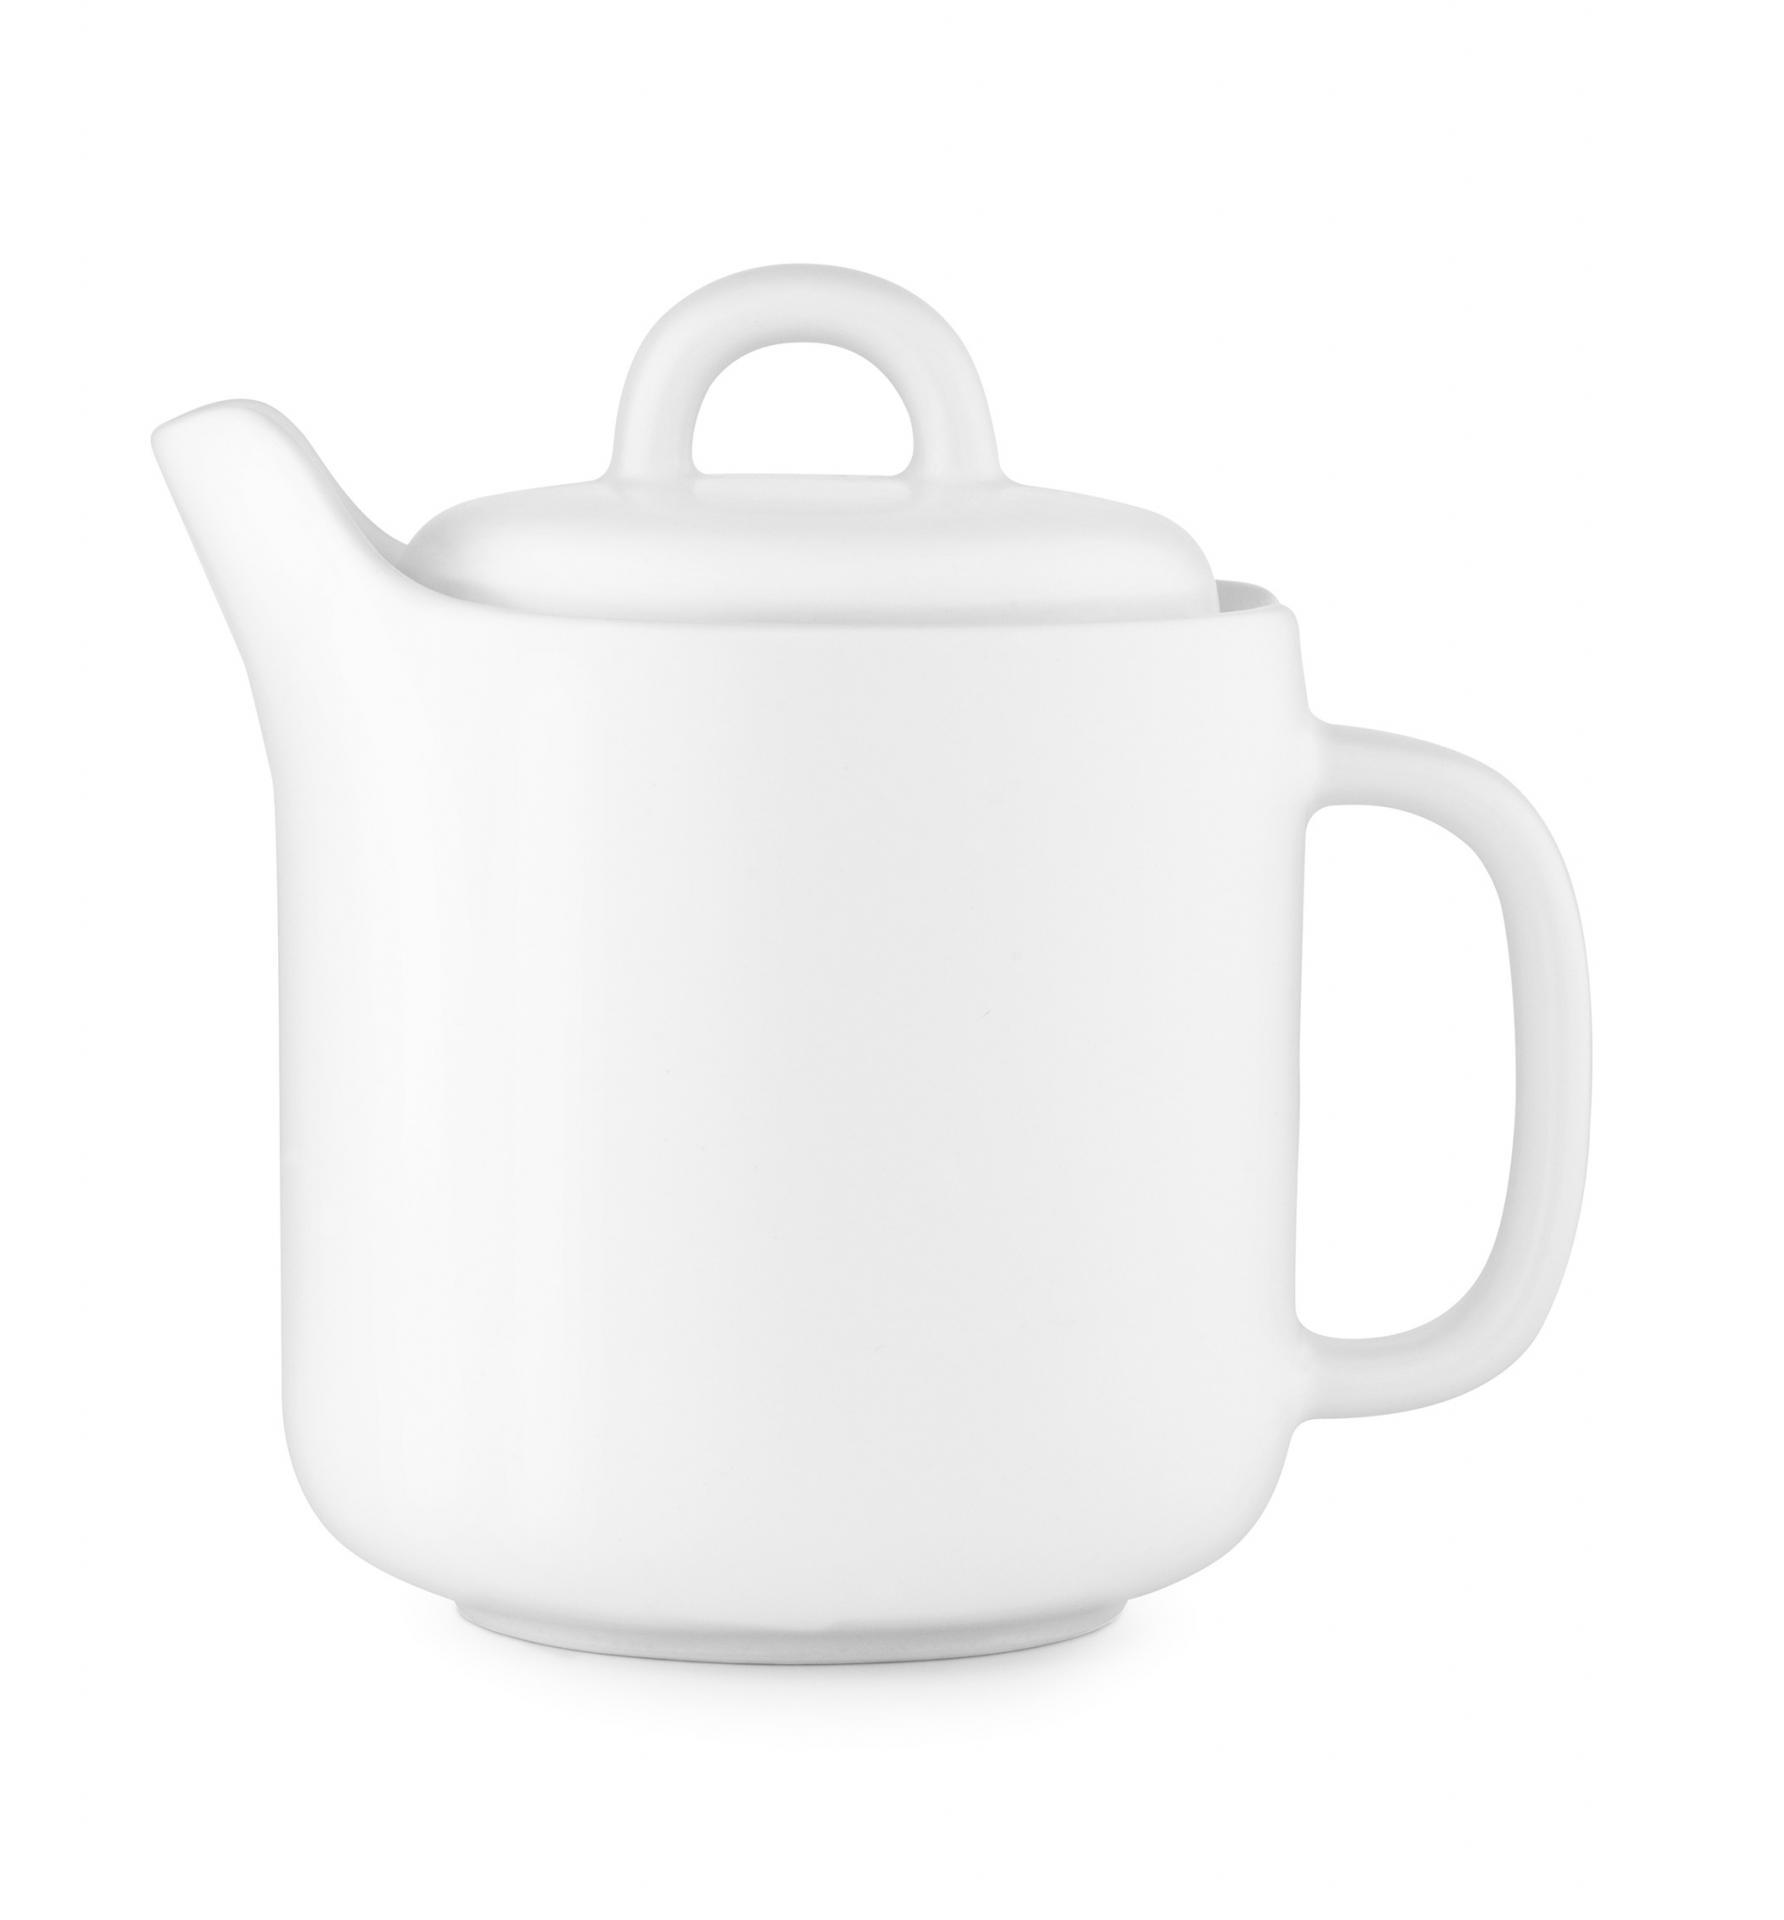 normann COPENHAGEN Porcelánová čajová konvice Bliss White, bílá barva, porcelán